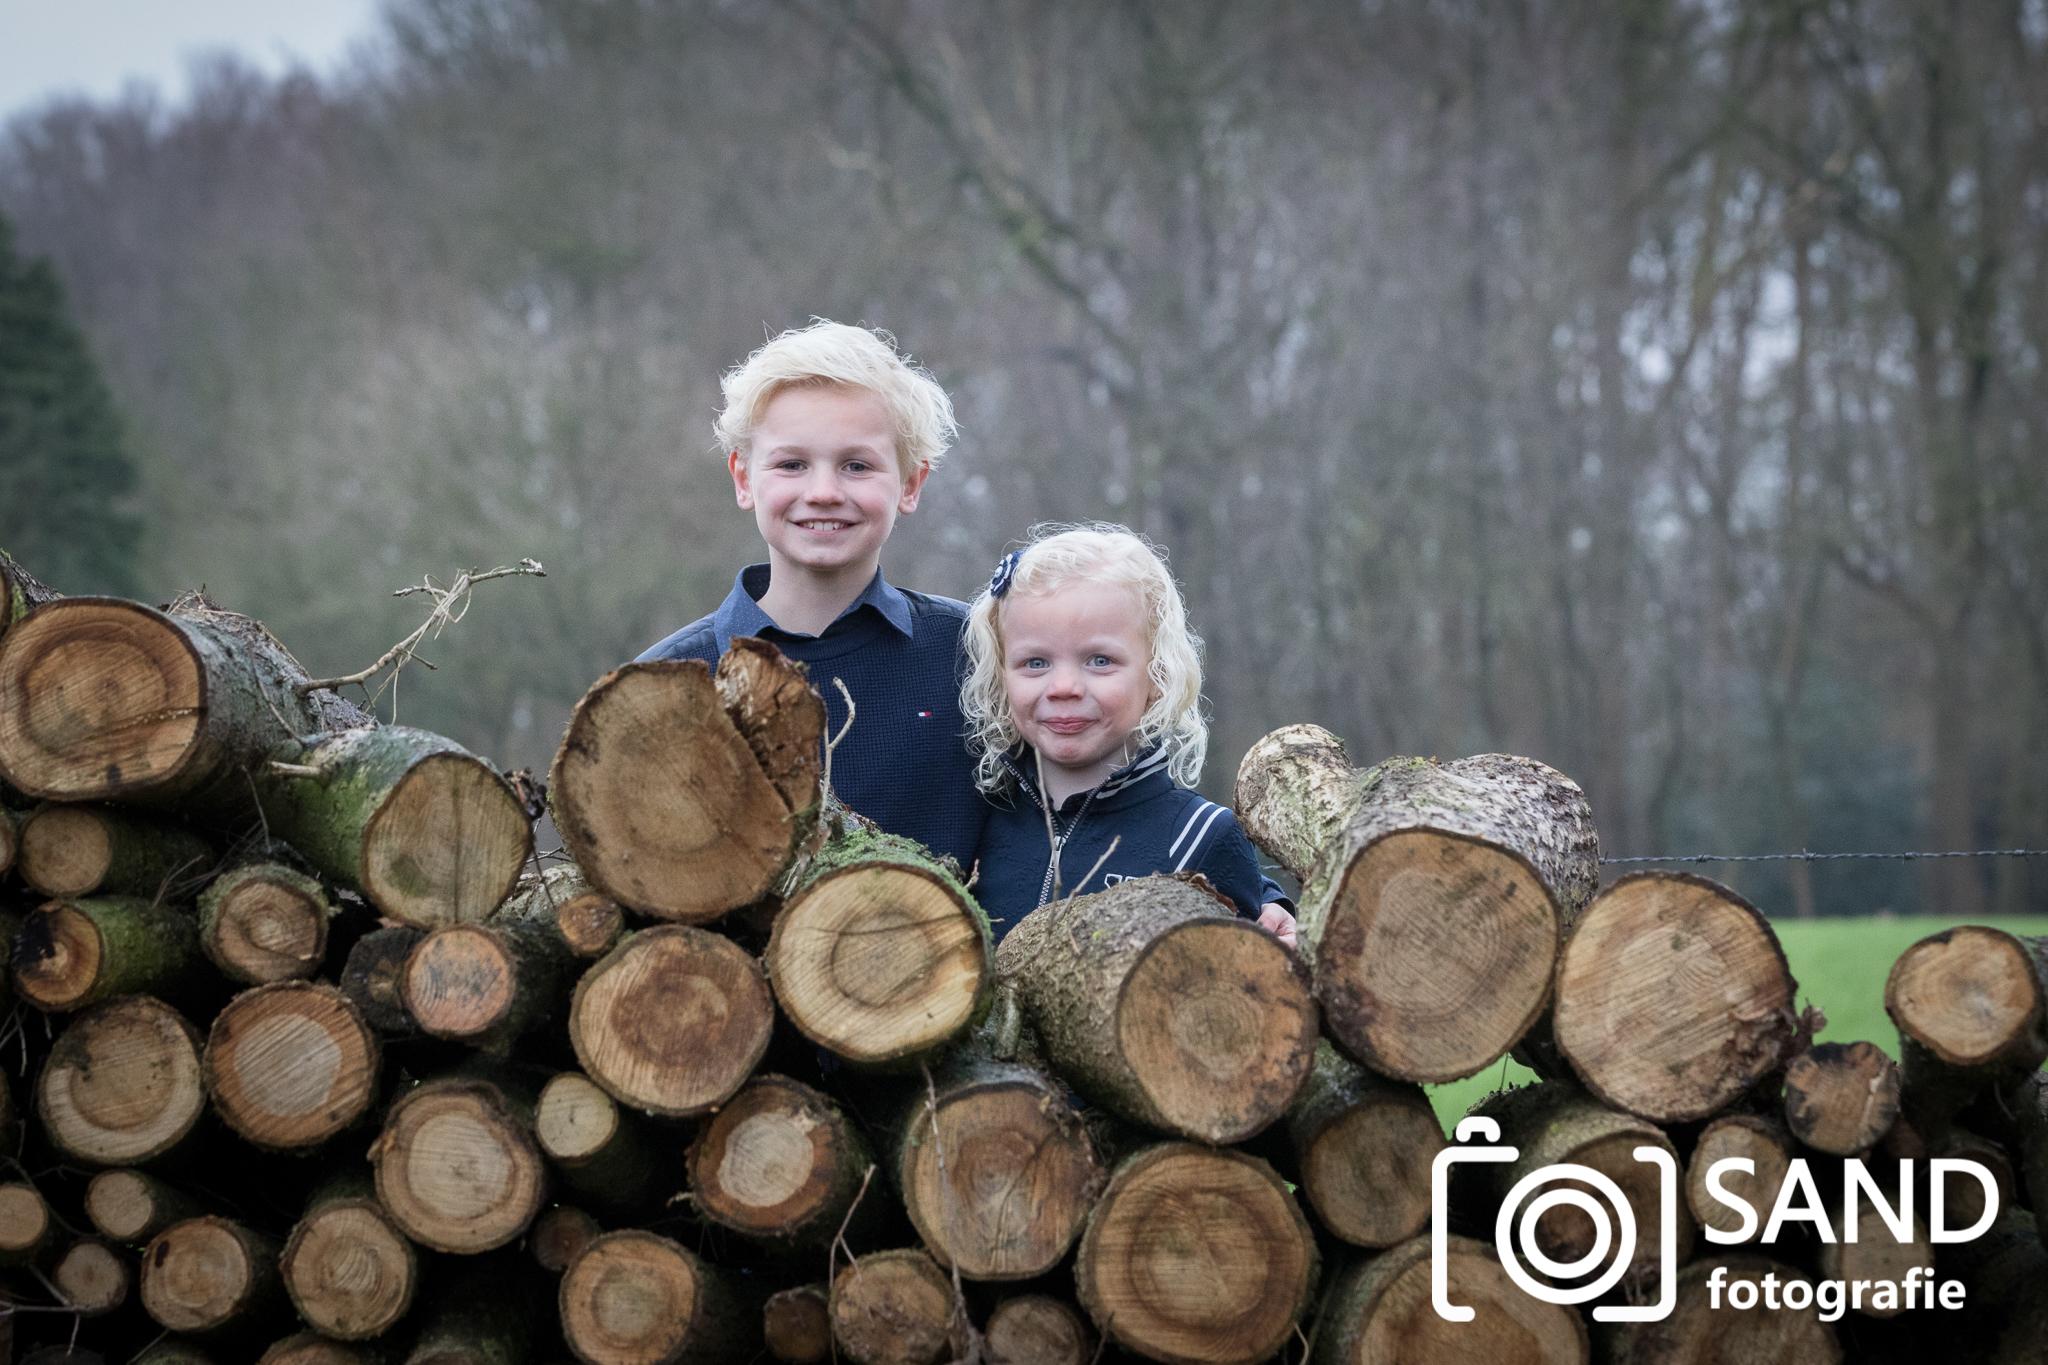 Portret van broer en zus gemaakt door Sand Fotografie